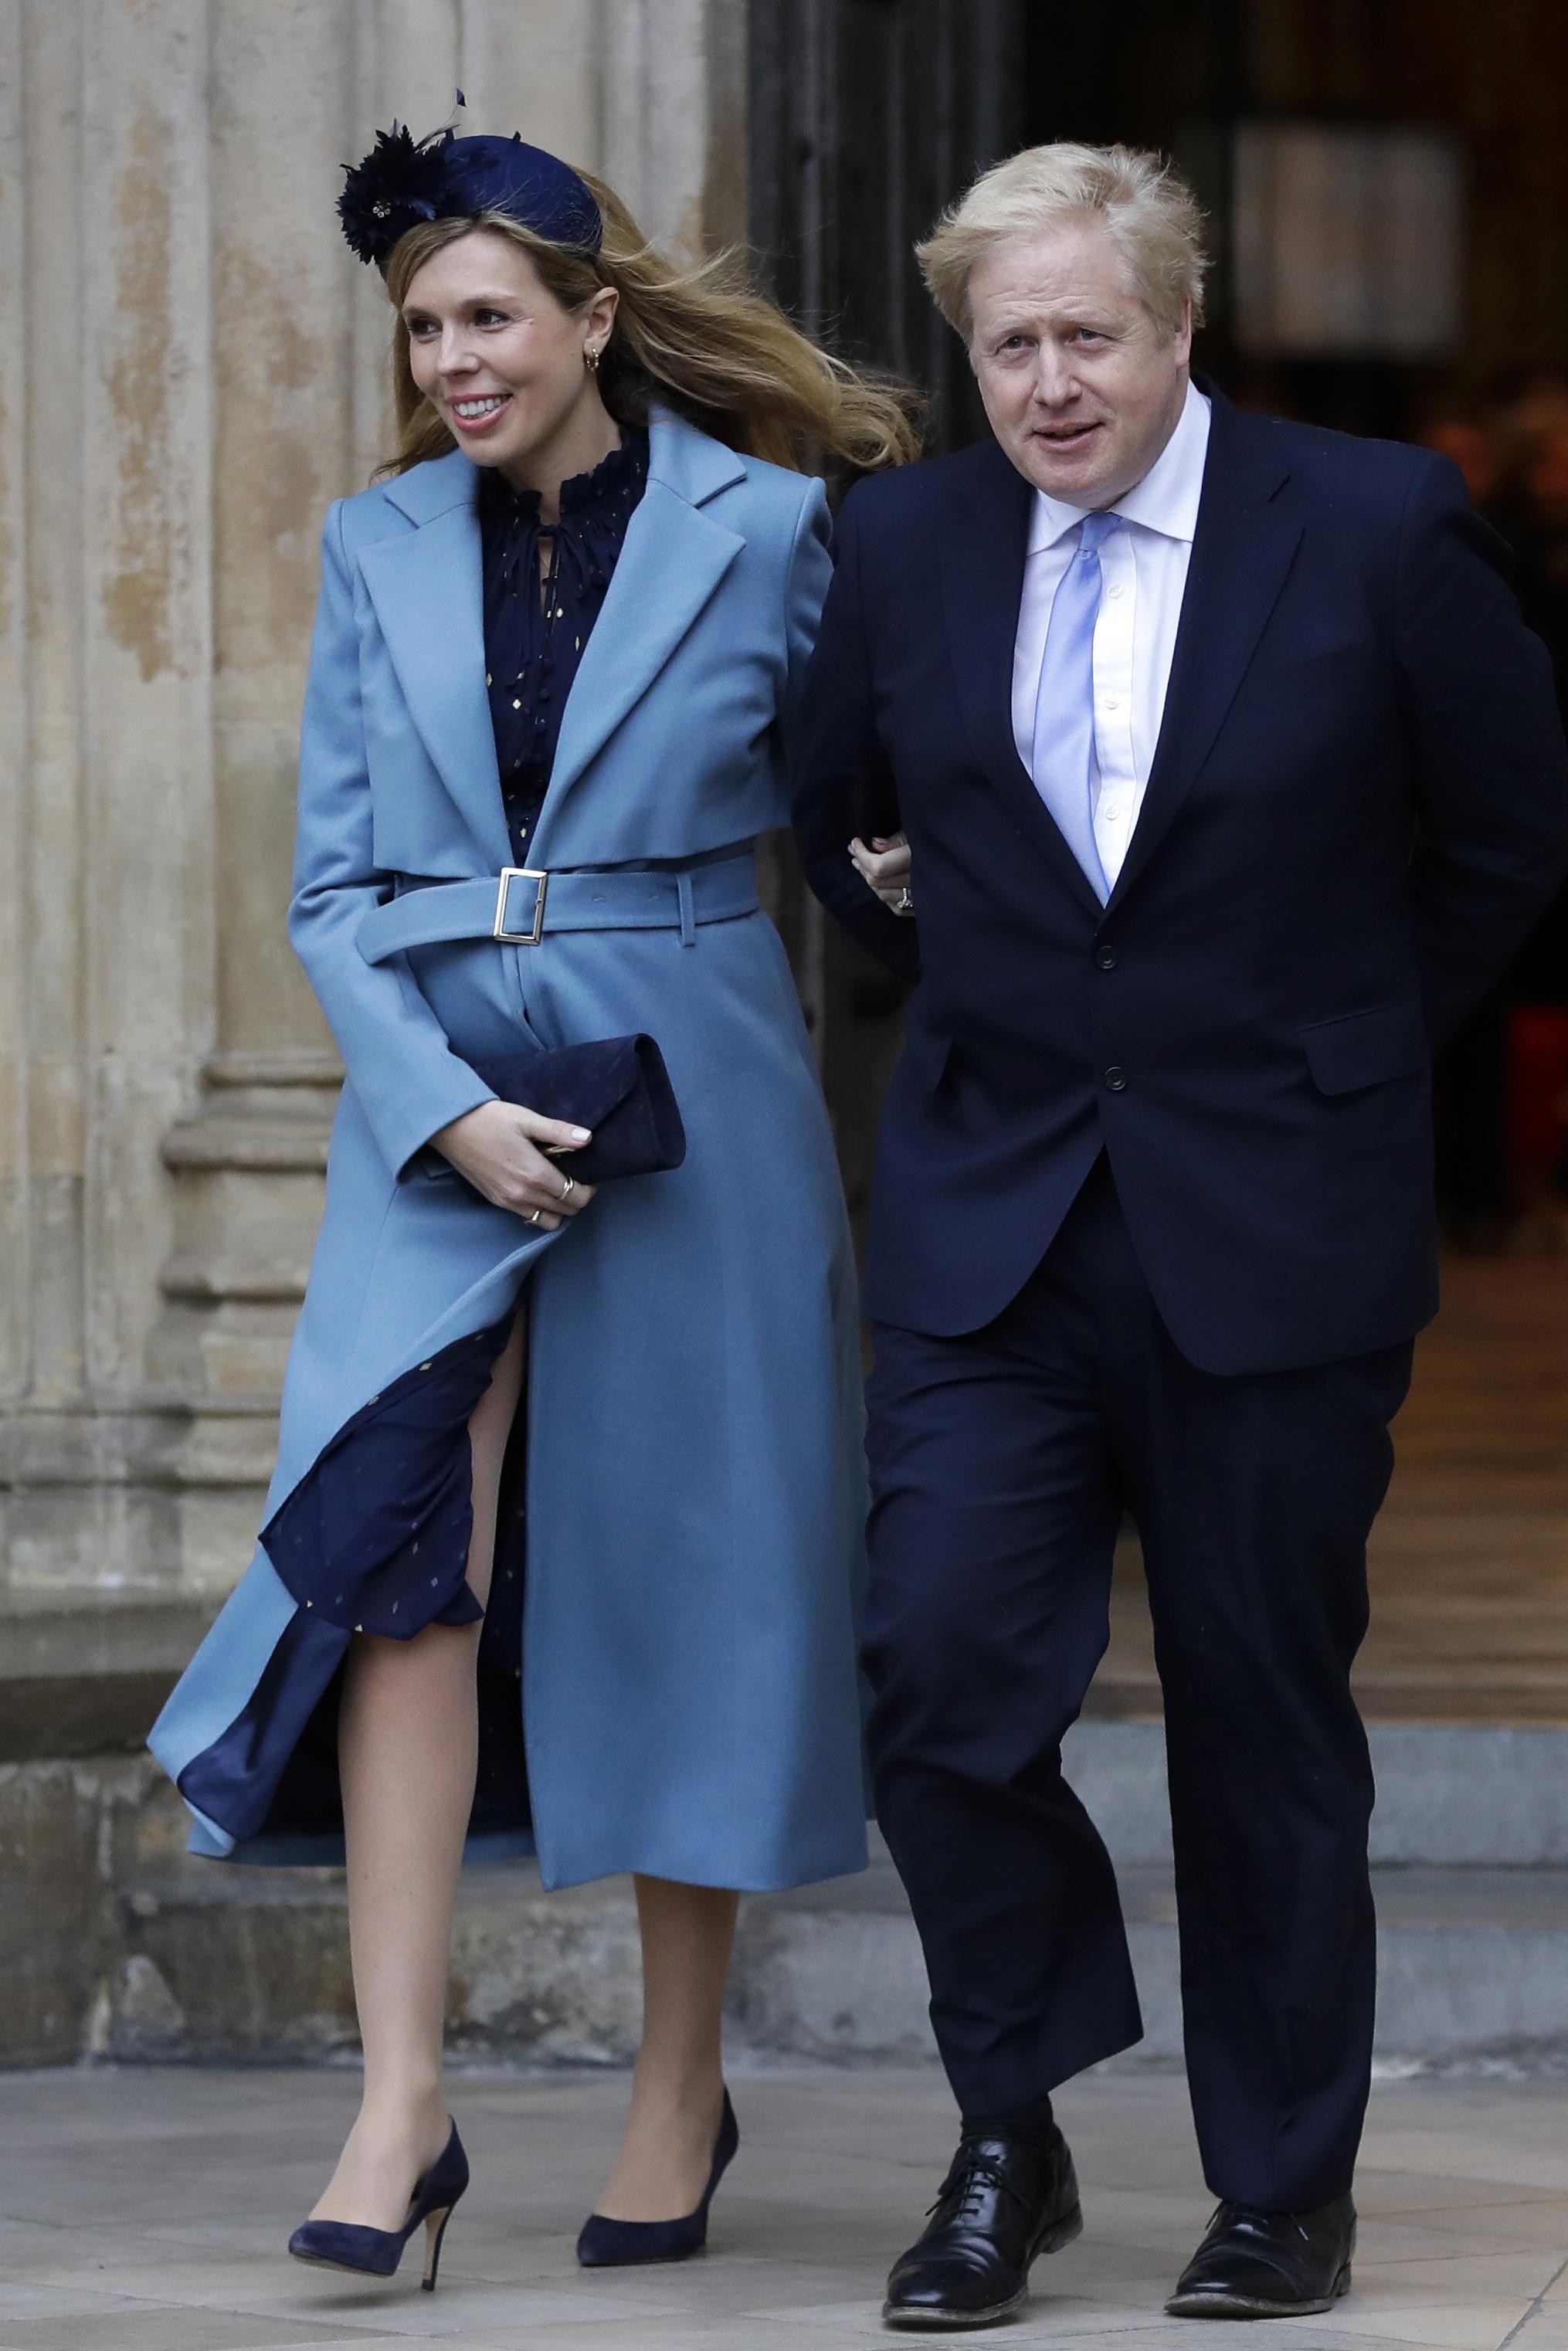 ジョンソン英首相(右)と婚約者キャリー・サイモンズさん=3月9日、ロンドン(AP=共同)